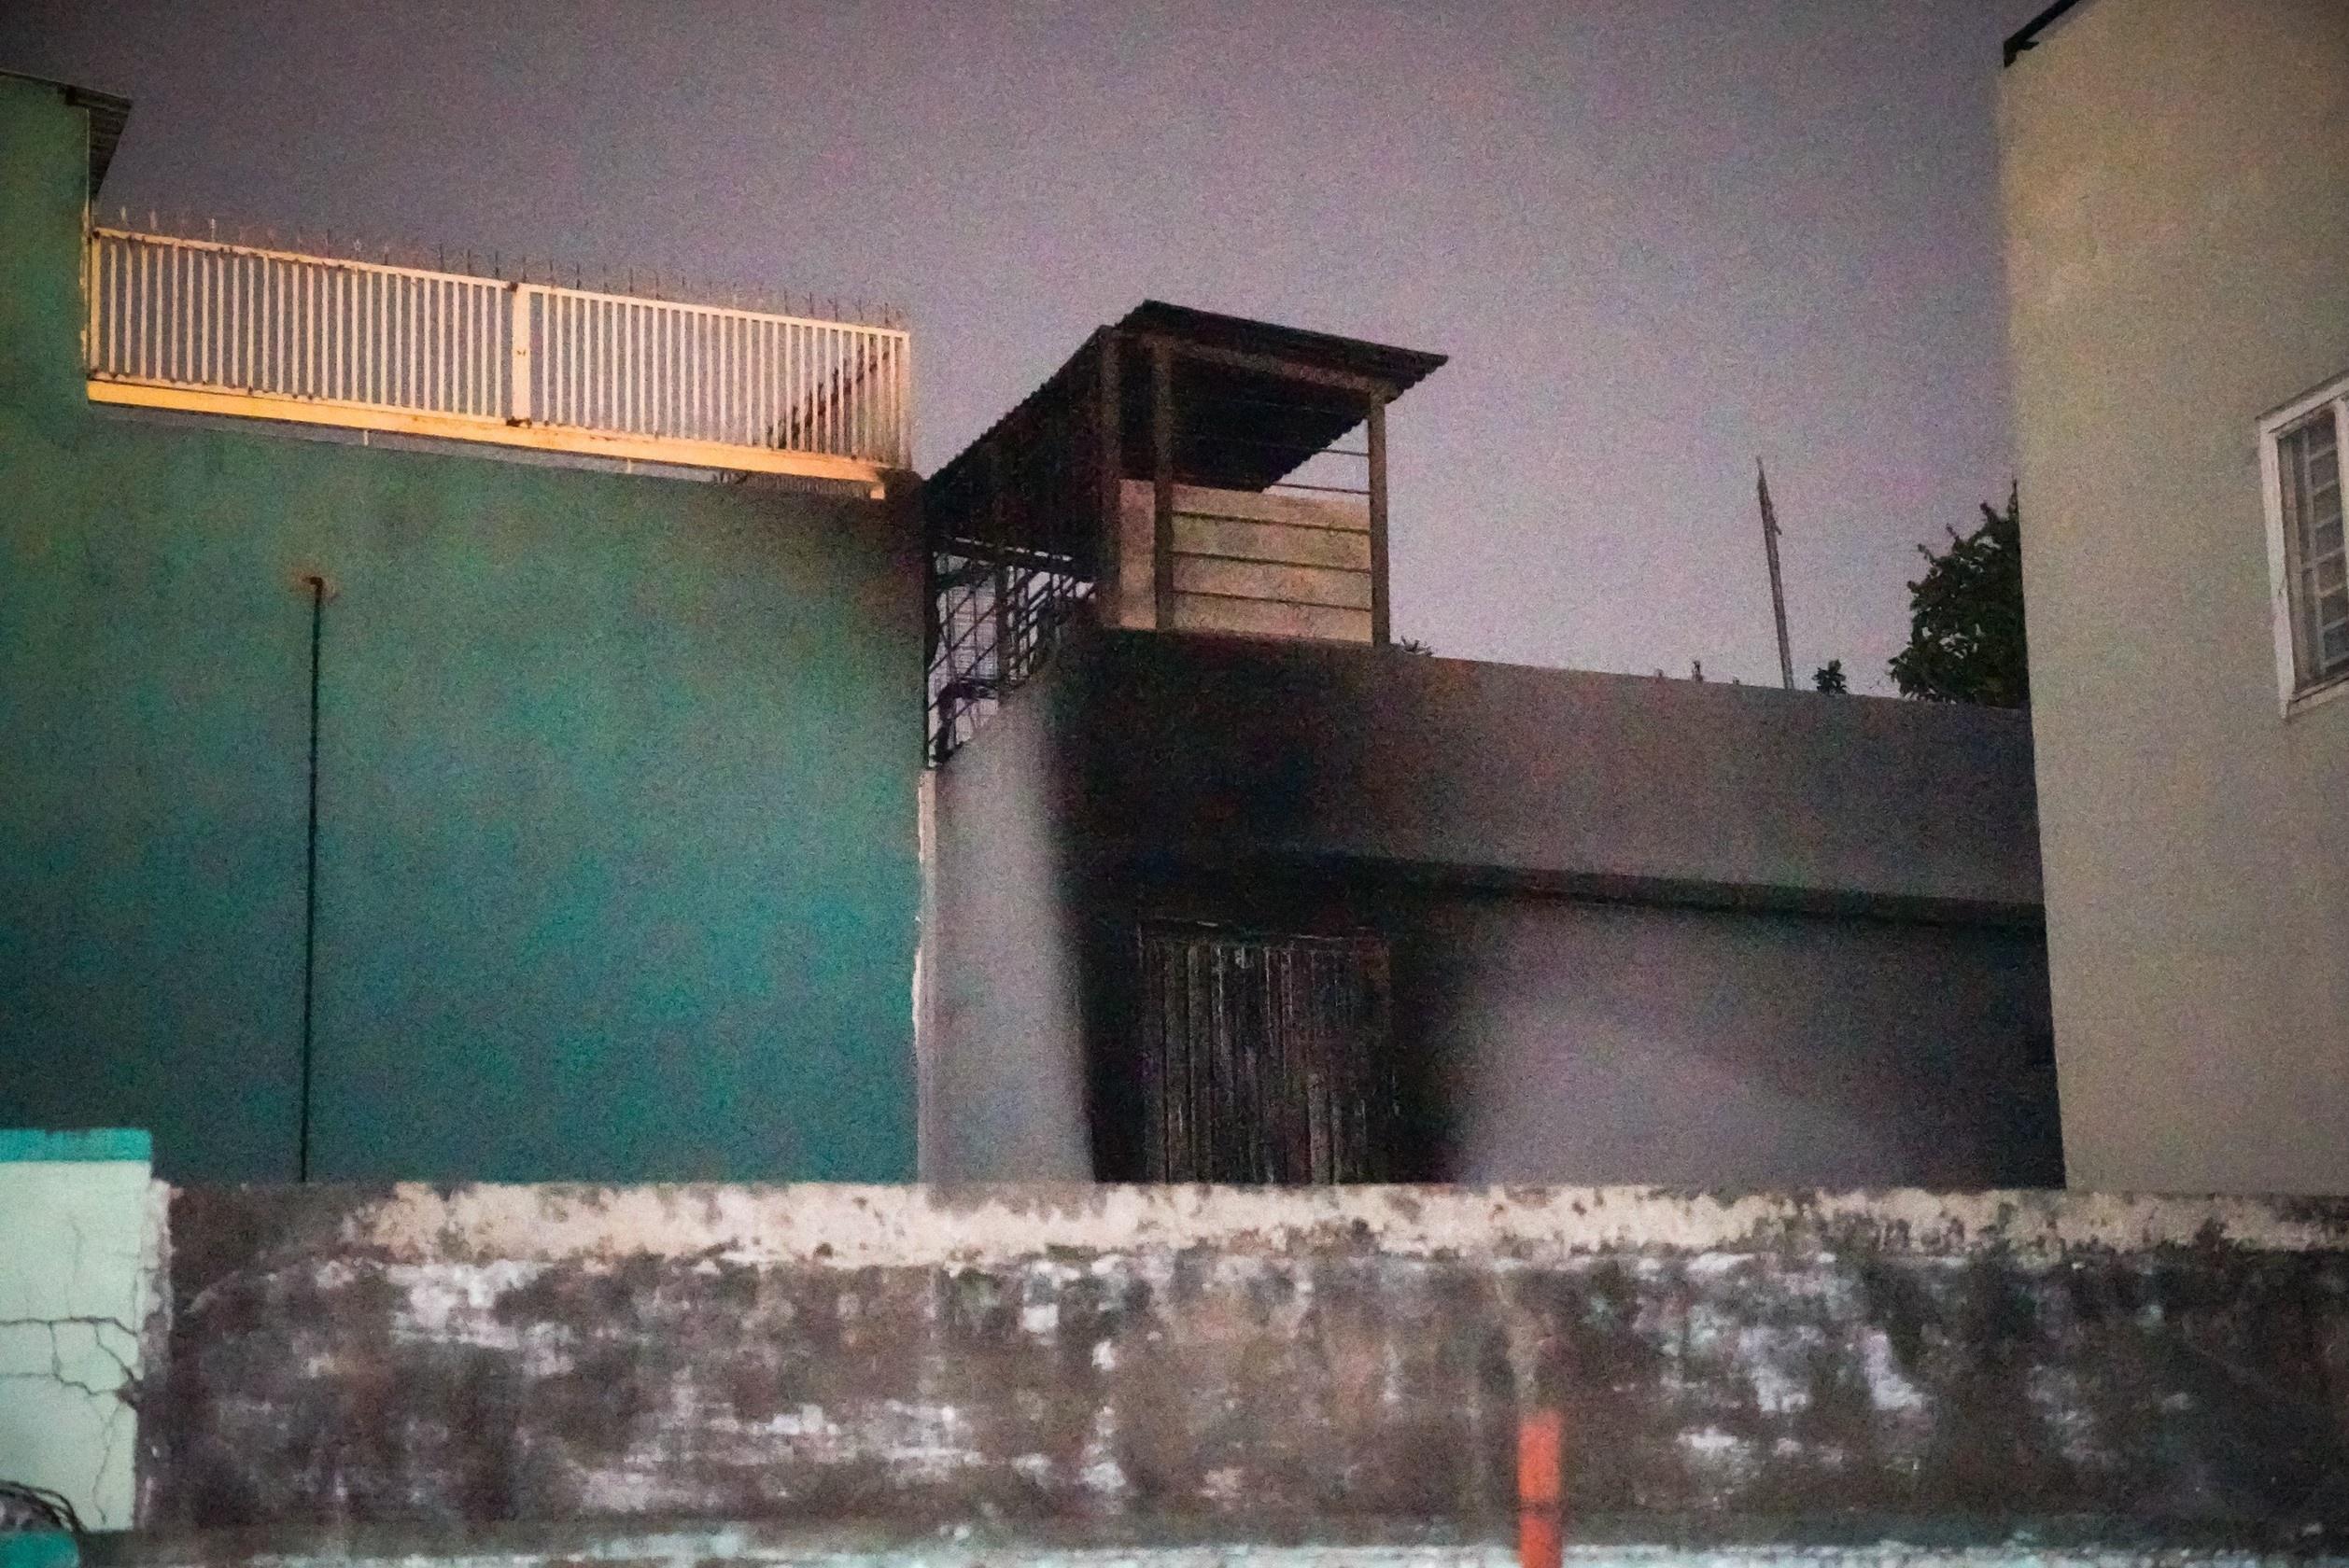 Nhân chứng vụ cháy làm 8 người chết ở TP.HCM: Các nạn nhân ở tầng 1 nên chạy ra không kịp - Ảnh 1.